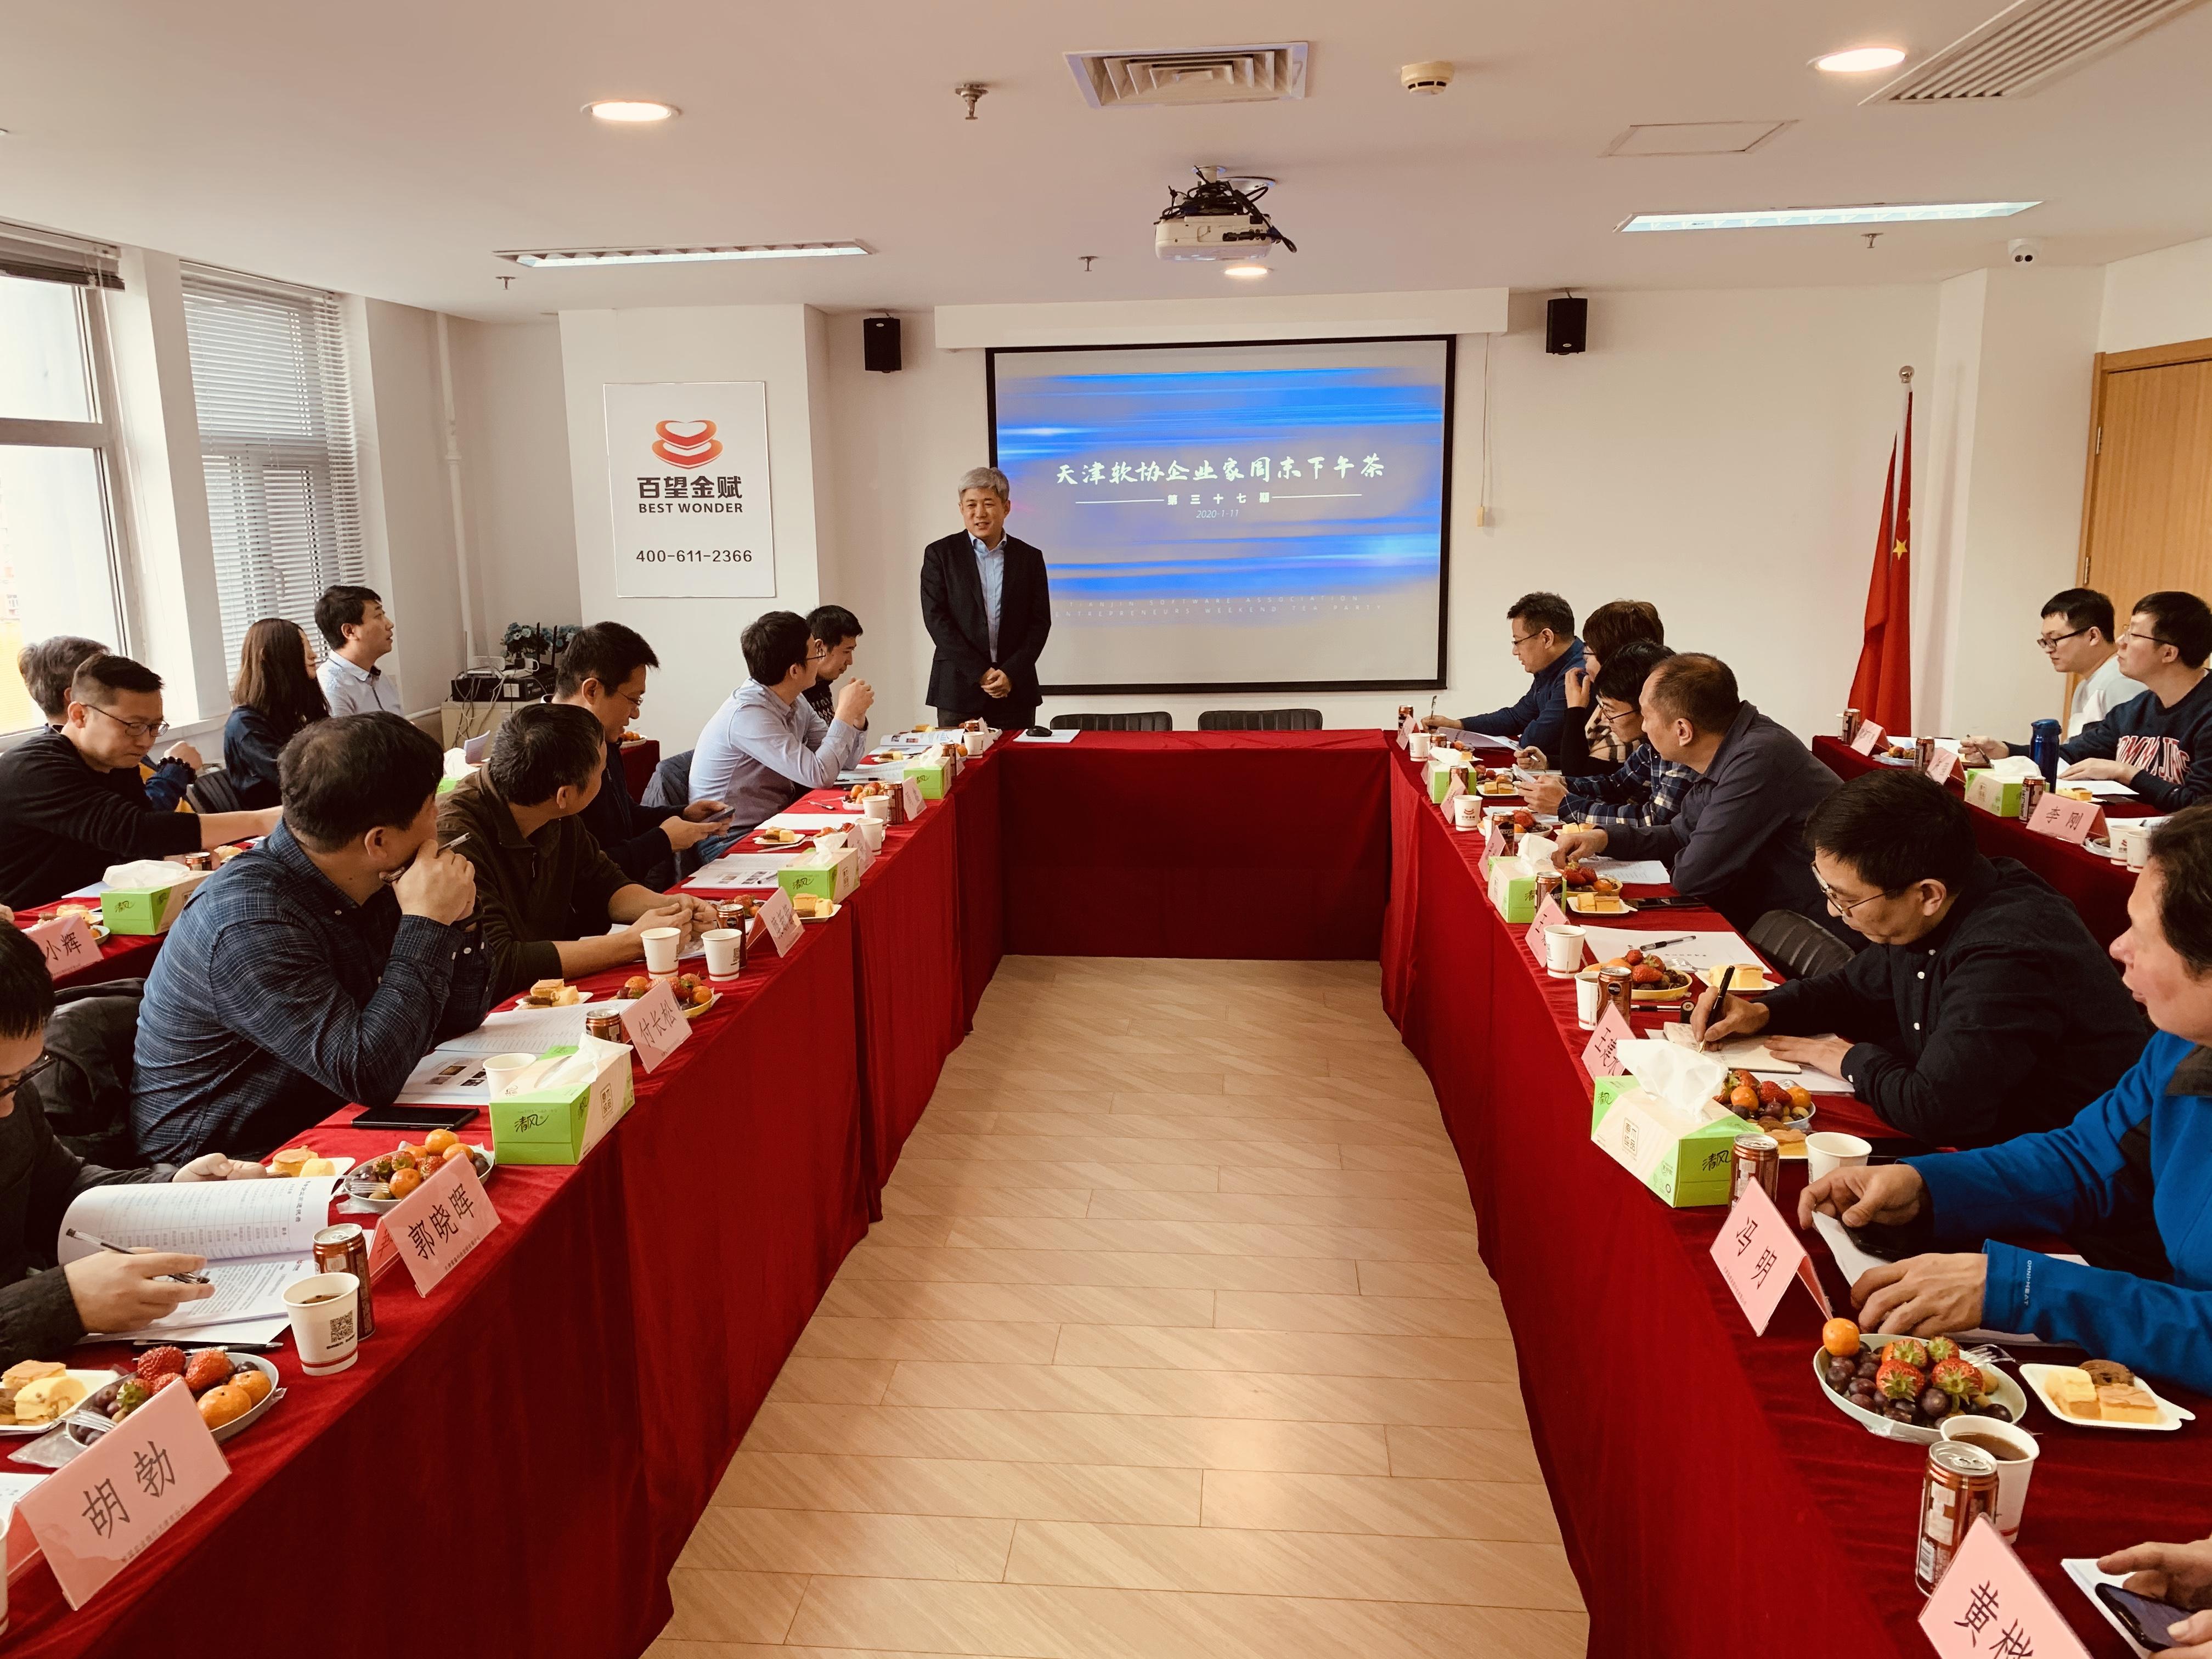 天津软协企业家周末下午茶活动(第三十七期)成功举办